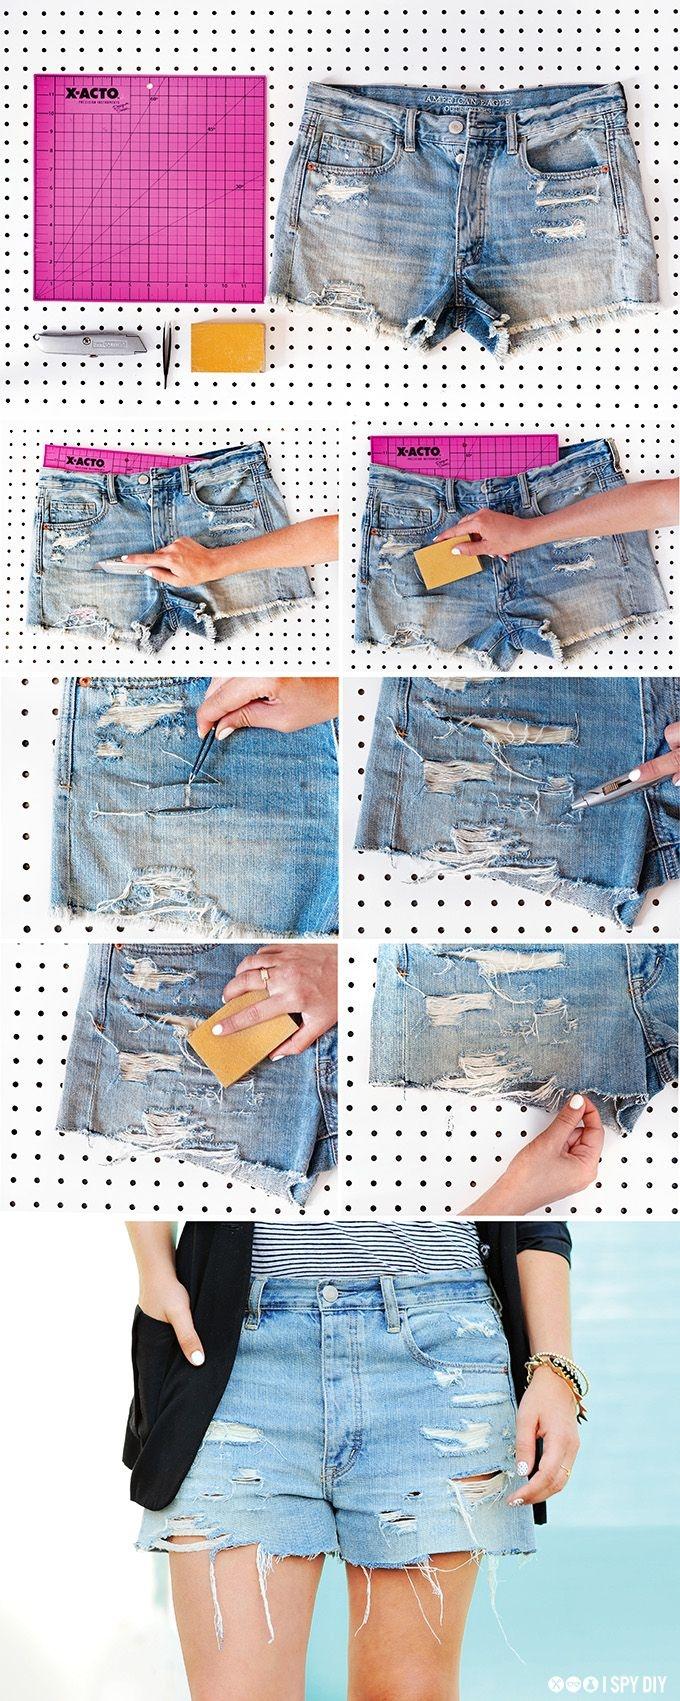 Как из джинс сделать шорты рваные своими руками 100